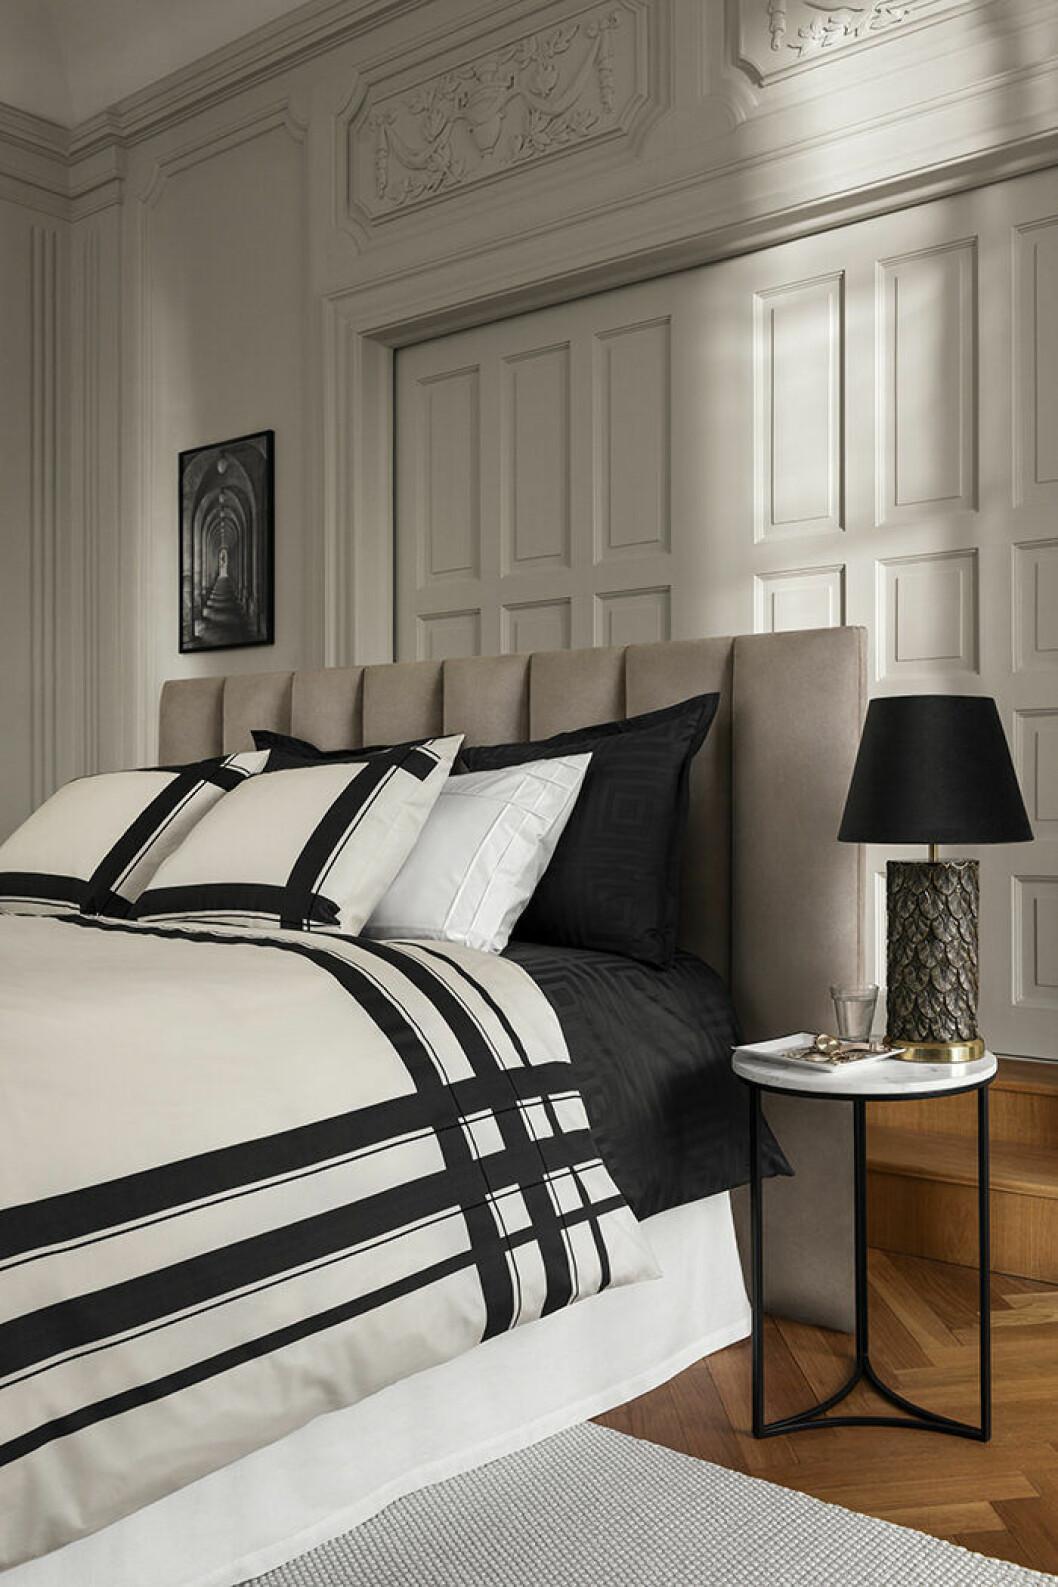 Svartvitt och stilrent i det eleganta sovrummet med hotellkänsla hos H&M Home